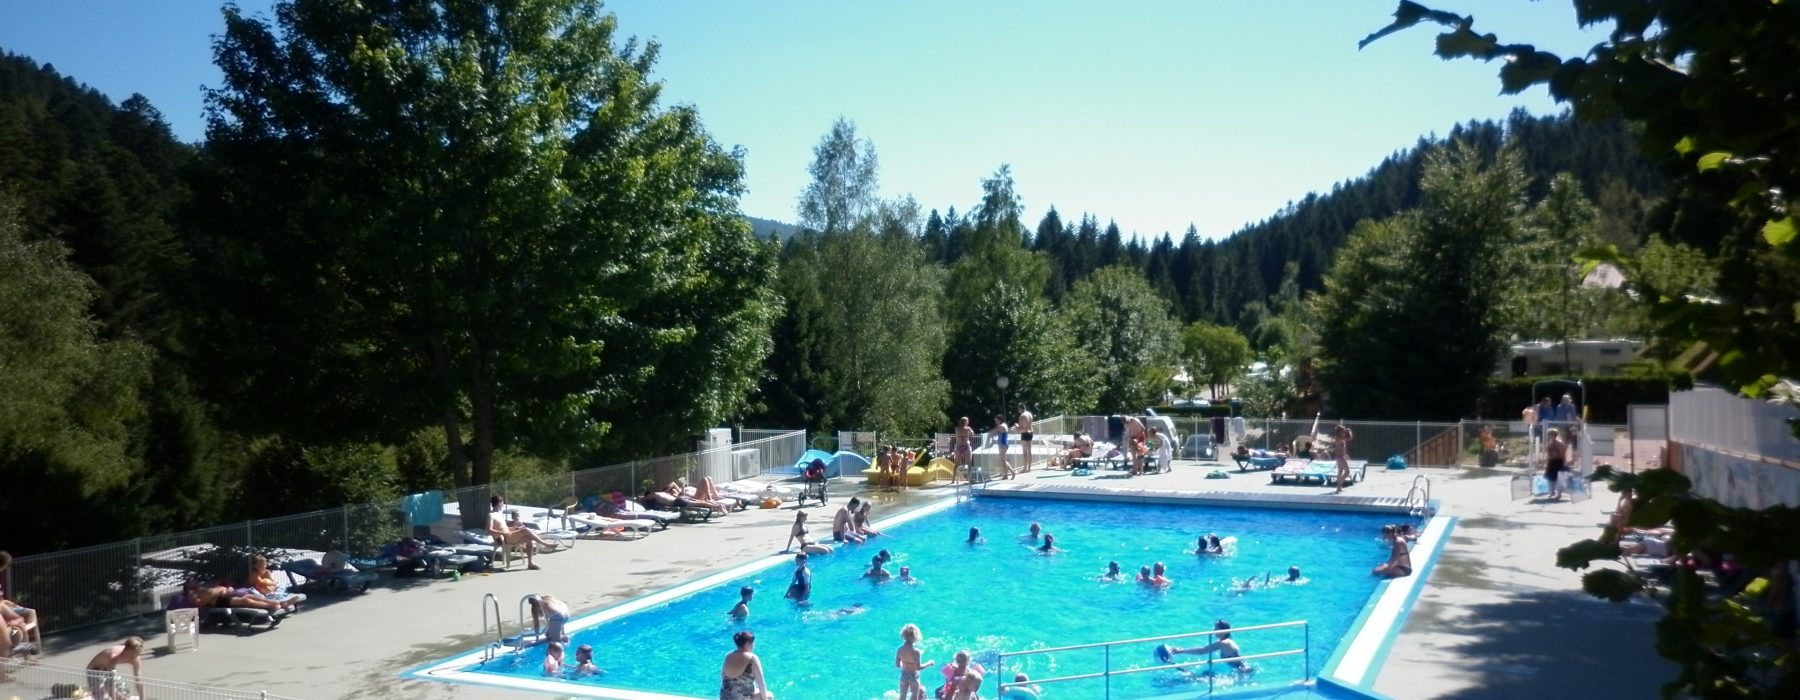 Camping Vosges Avec Piscine | Camping Belle Hutte 4* La Bresse intérieur Camping Dans Les Vosges Avec Piscine